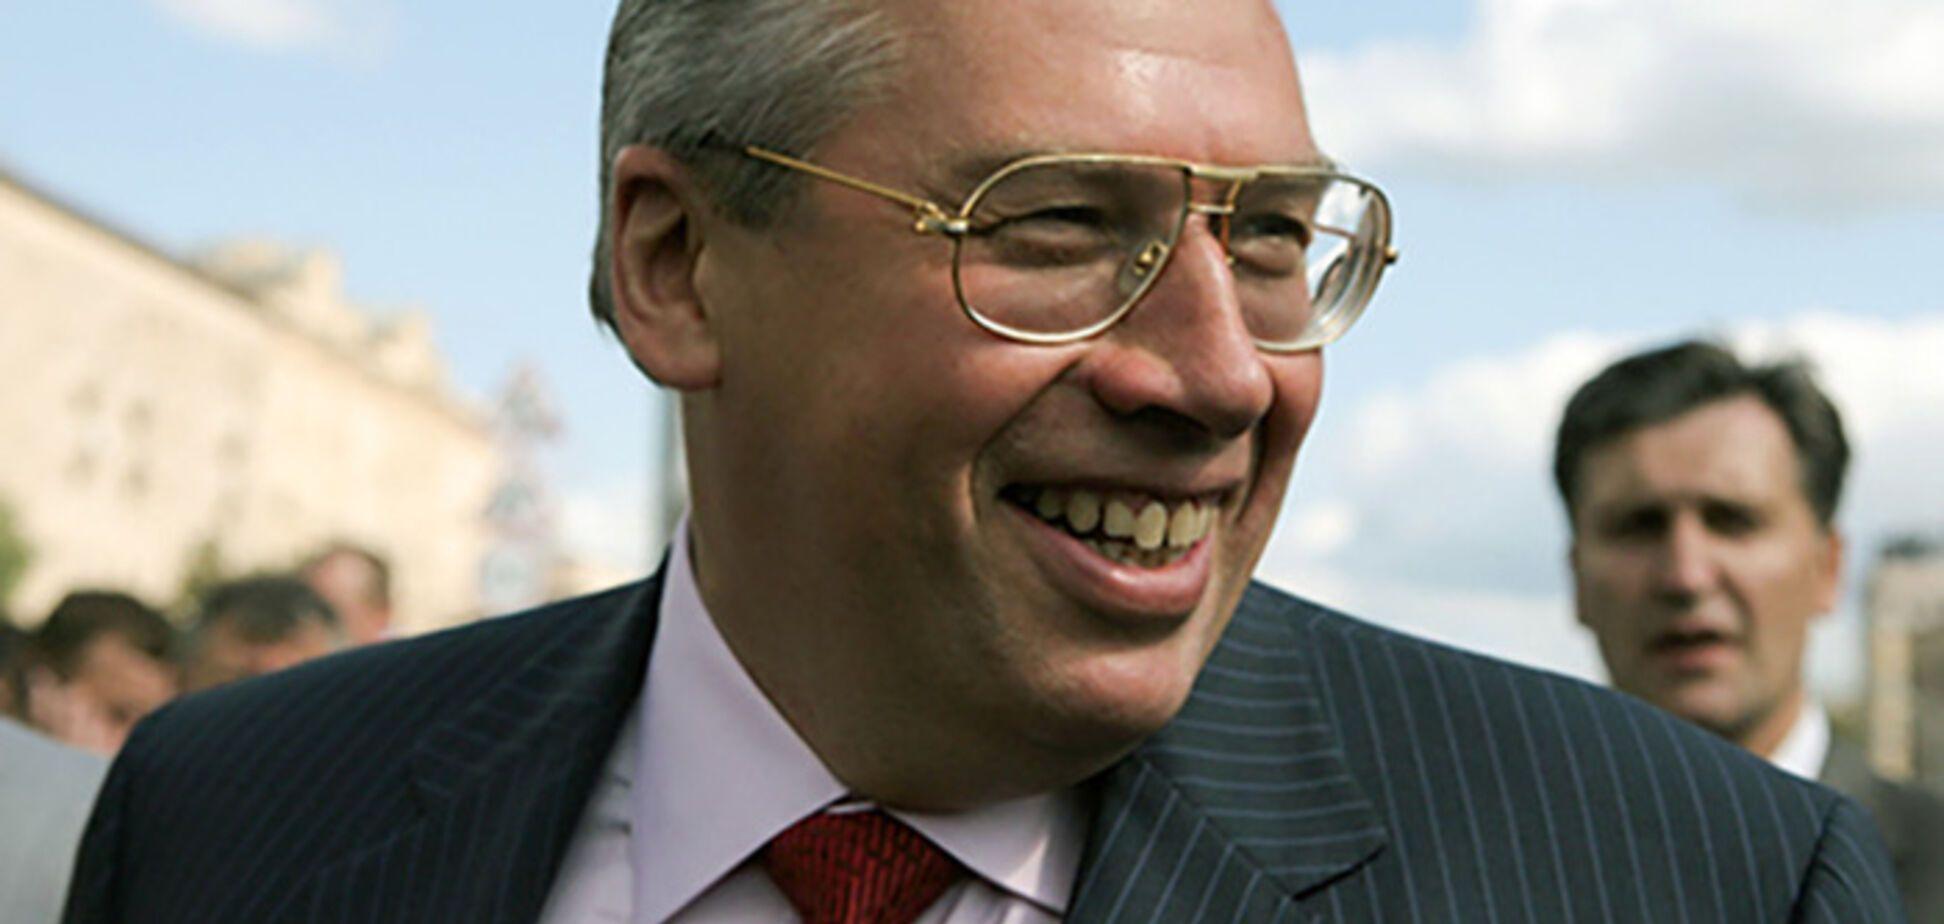 В Польше задержали российского миллиардера при попытке улететь в Украину